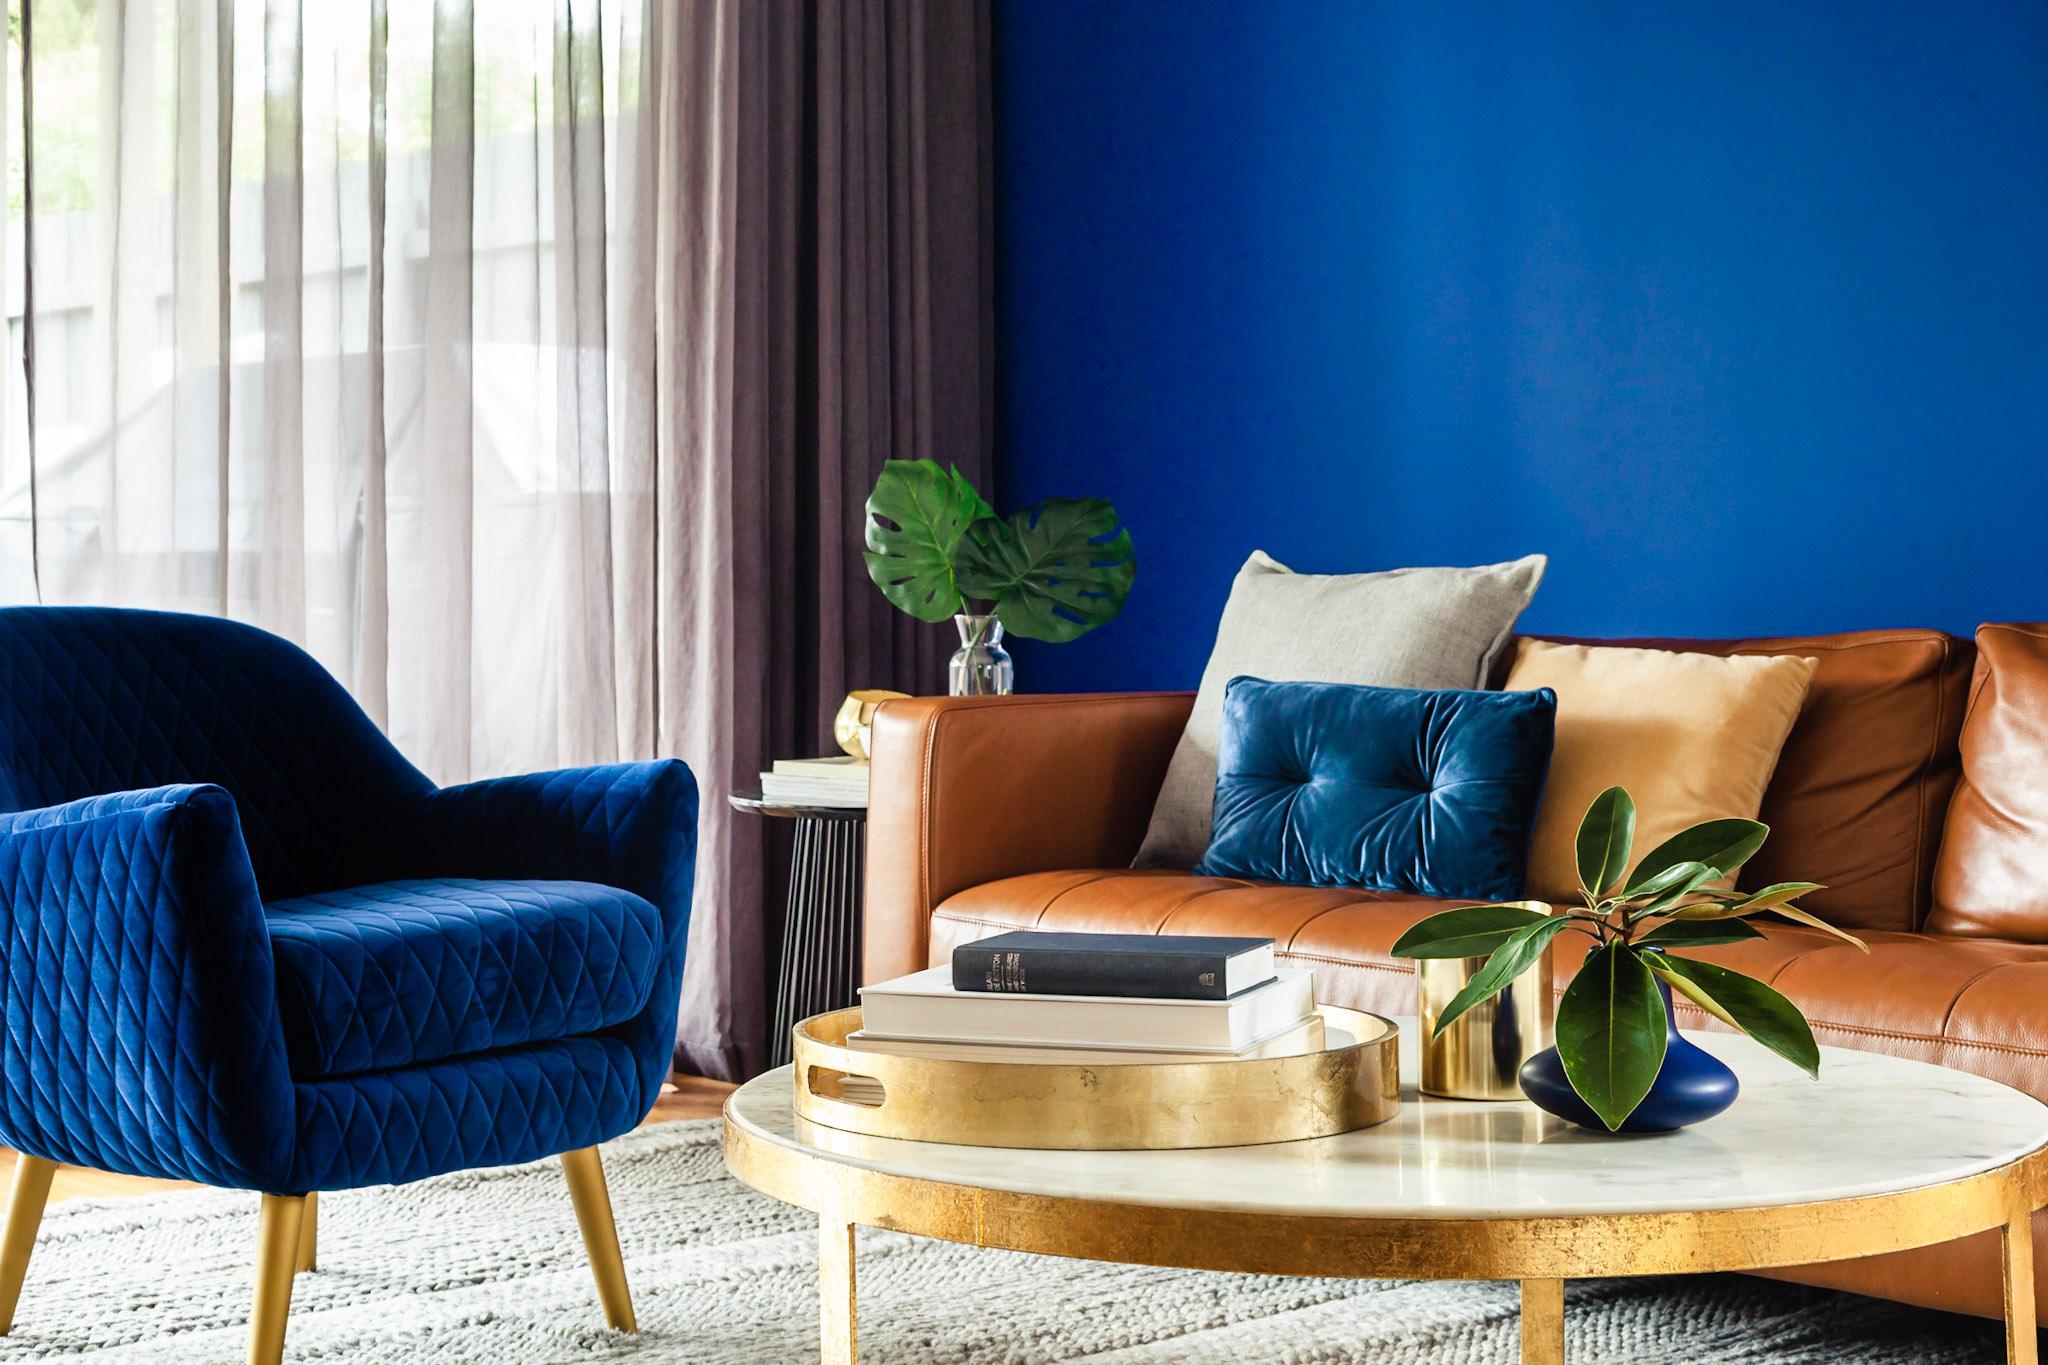 Luxe Interior Design